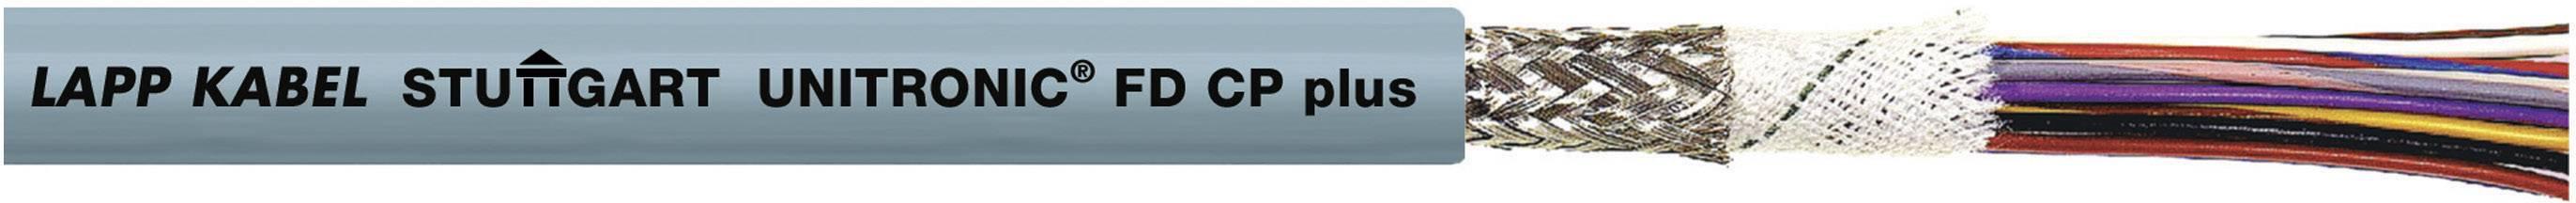 Datový kabel LappKabel UNITRONIC FD CP PLUS 7X0,14 (0028884), 7x 0,14 mm², Ø 5,7 mm, stíněný, 300 m, šedá